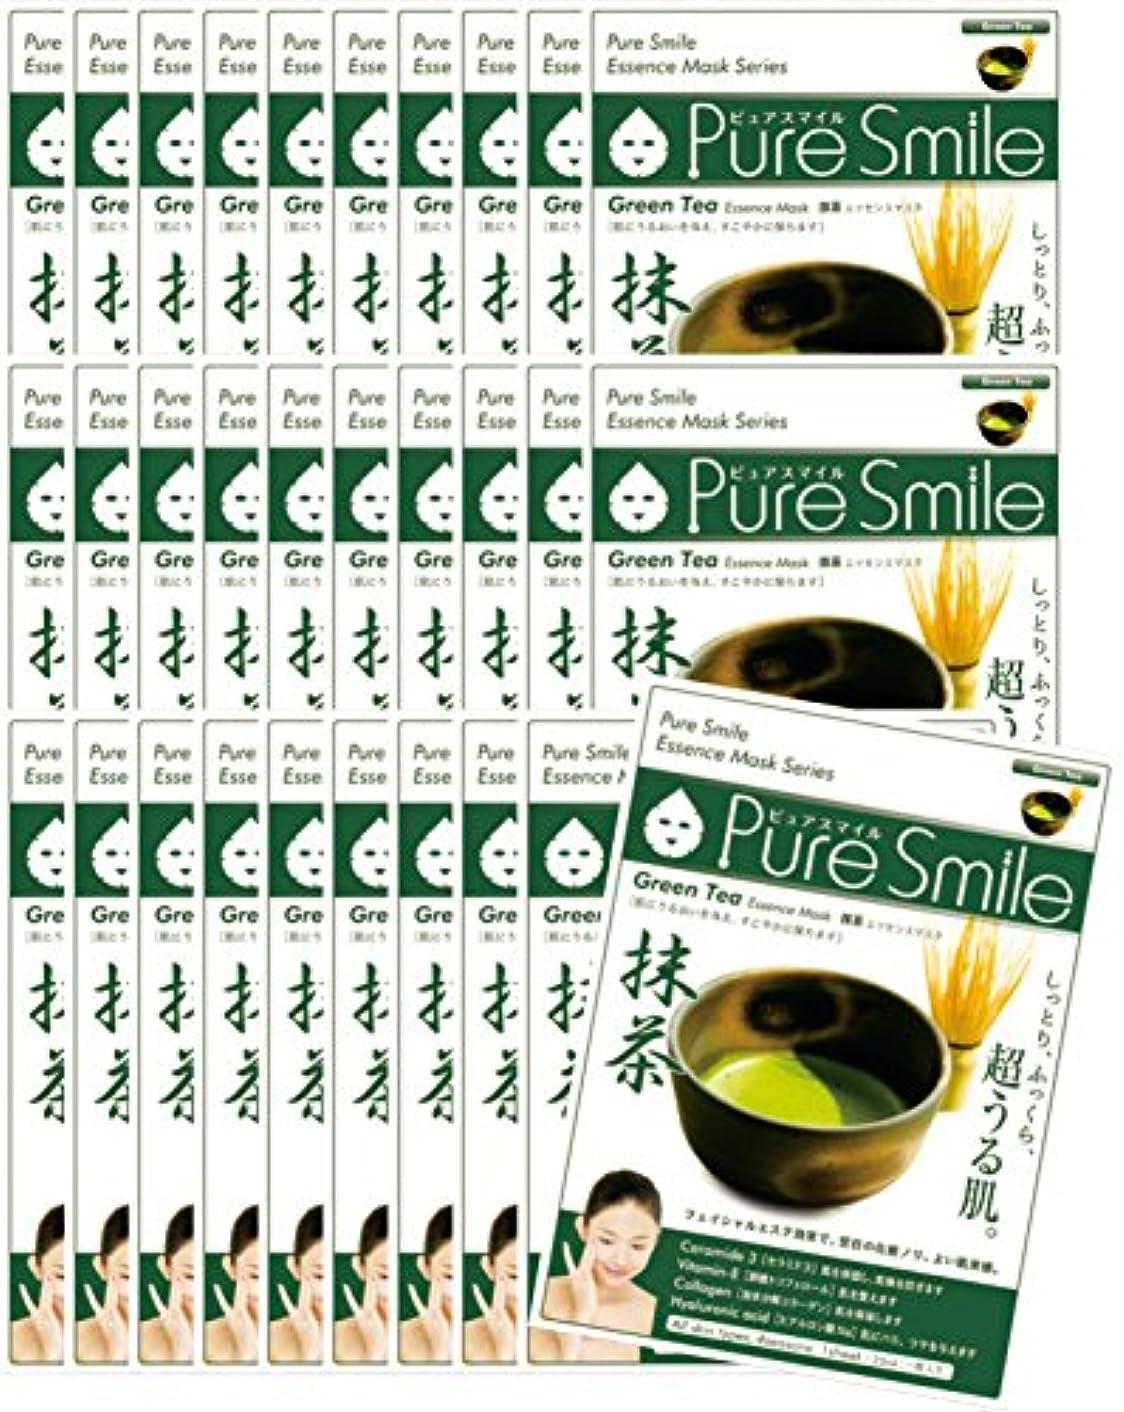 フルーツ野菜修復定常ピュアスマイル エッセンスマスク 日本の恵み シリーズ抹茶 30枚セット